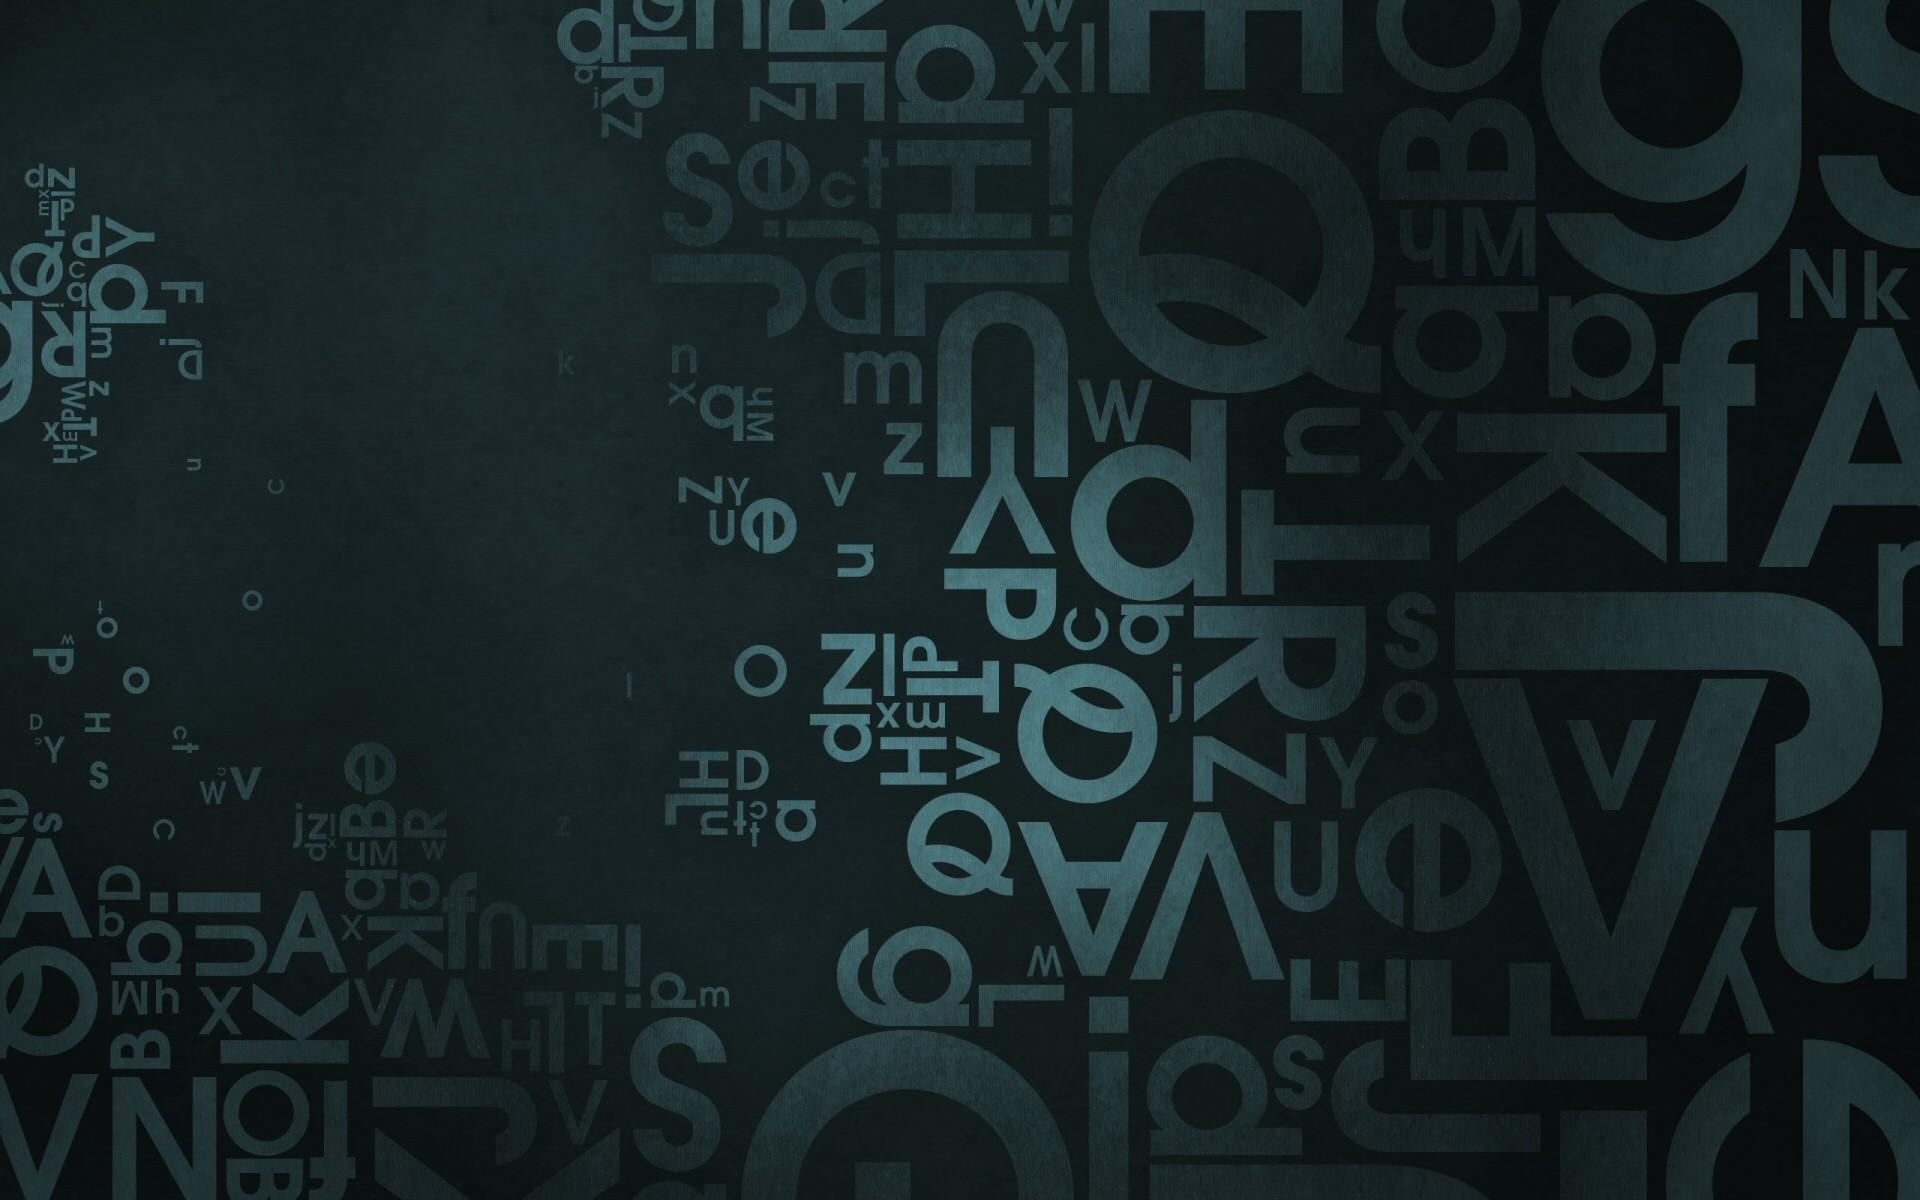 10 fantastic hd letters wallpapers - Y letter love wallpaper hd ...